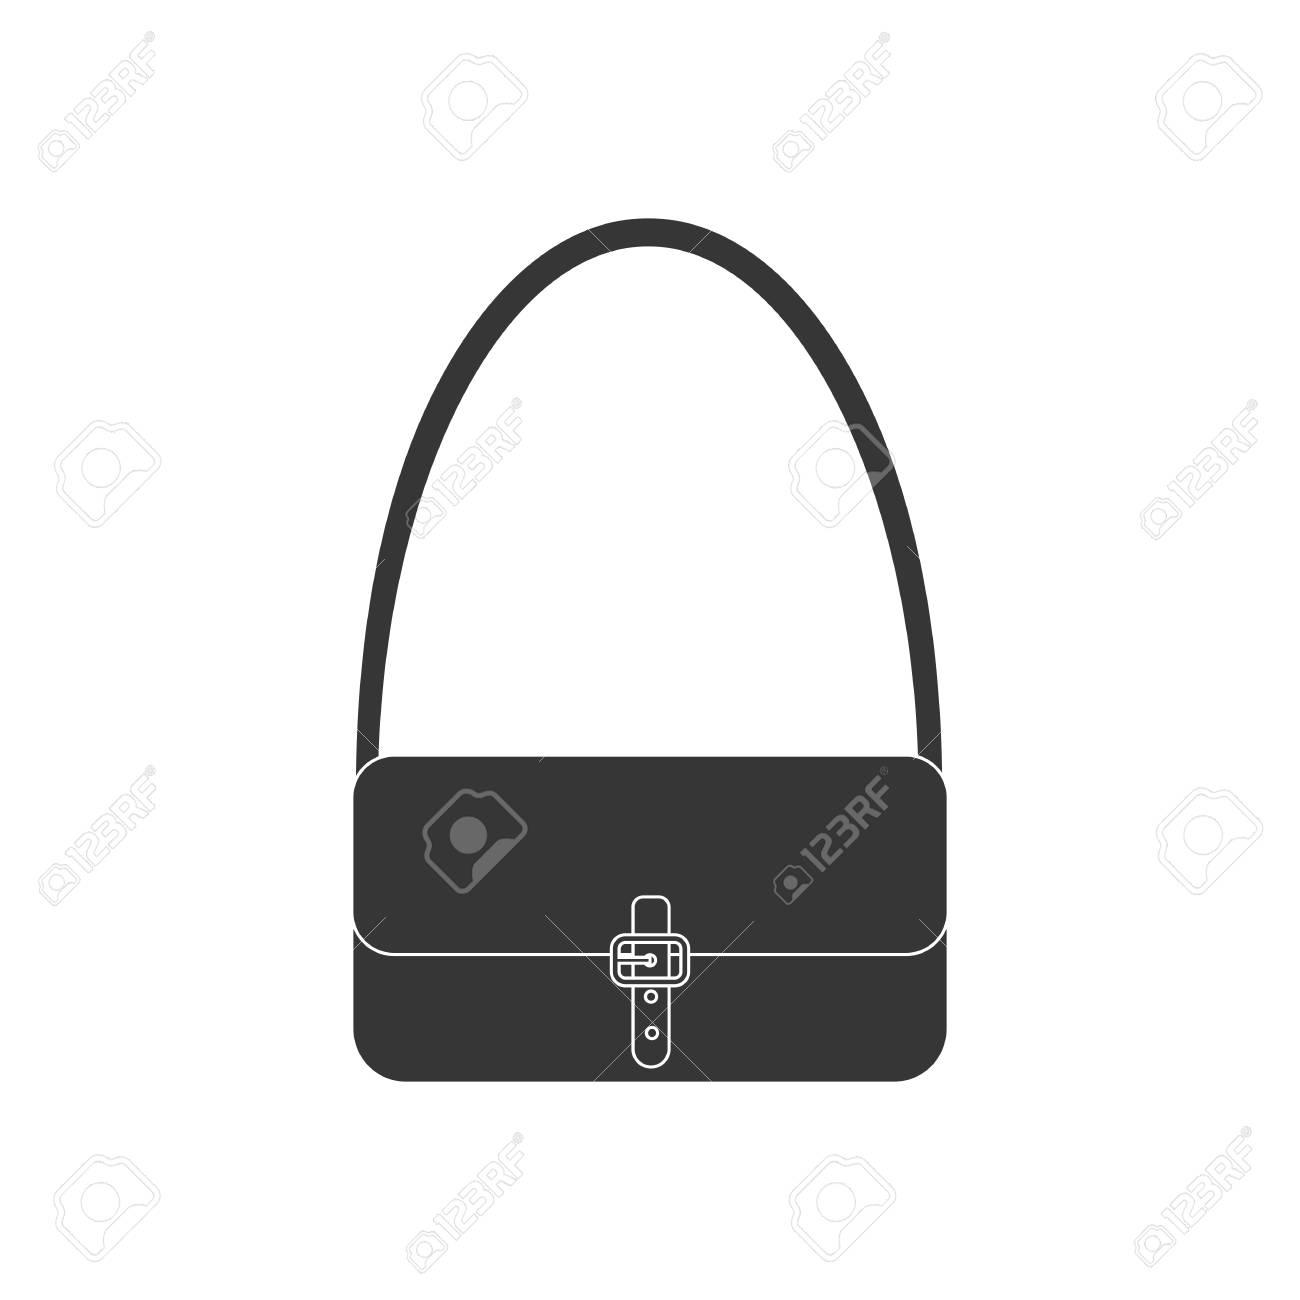 Handbag vector icon. Woman bag. VECTOR ILLUSTRATION Stock Vector - 54879102 c9814e4901